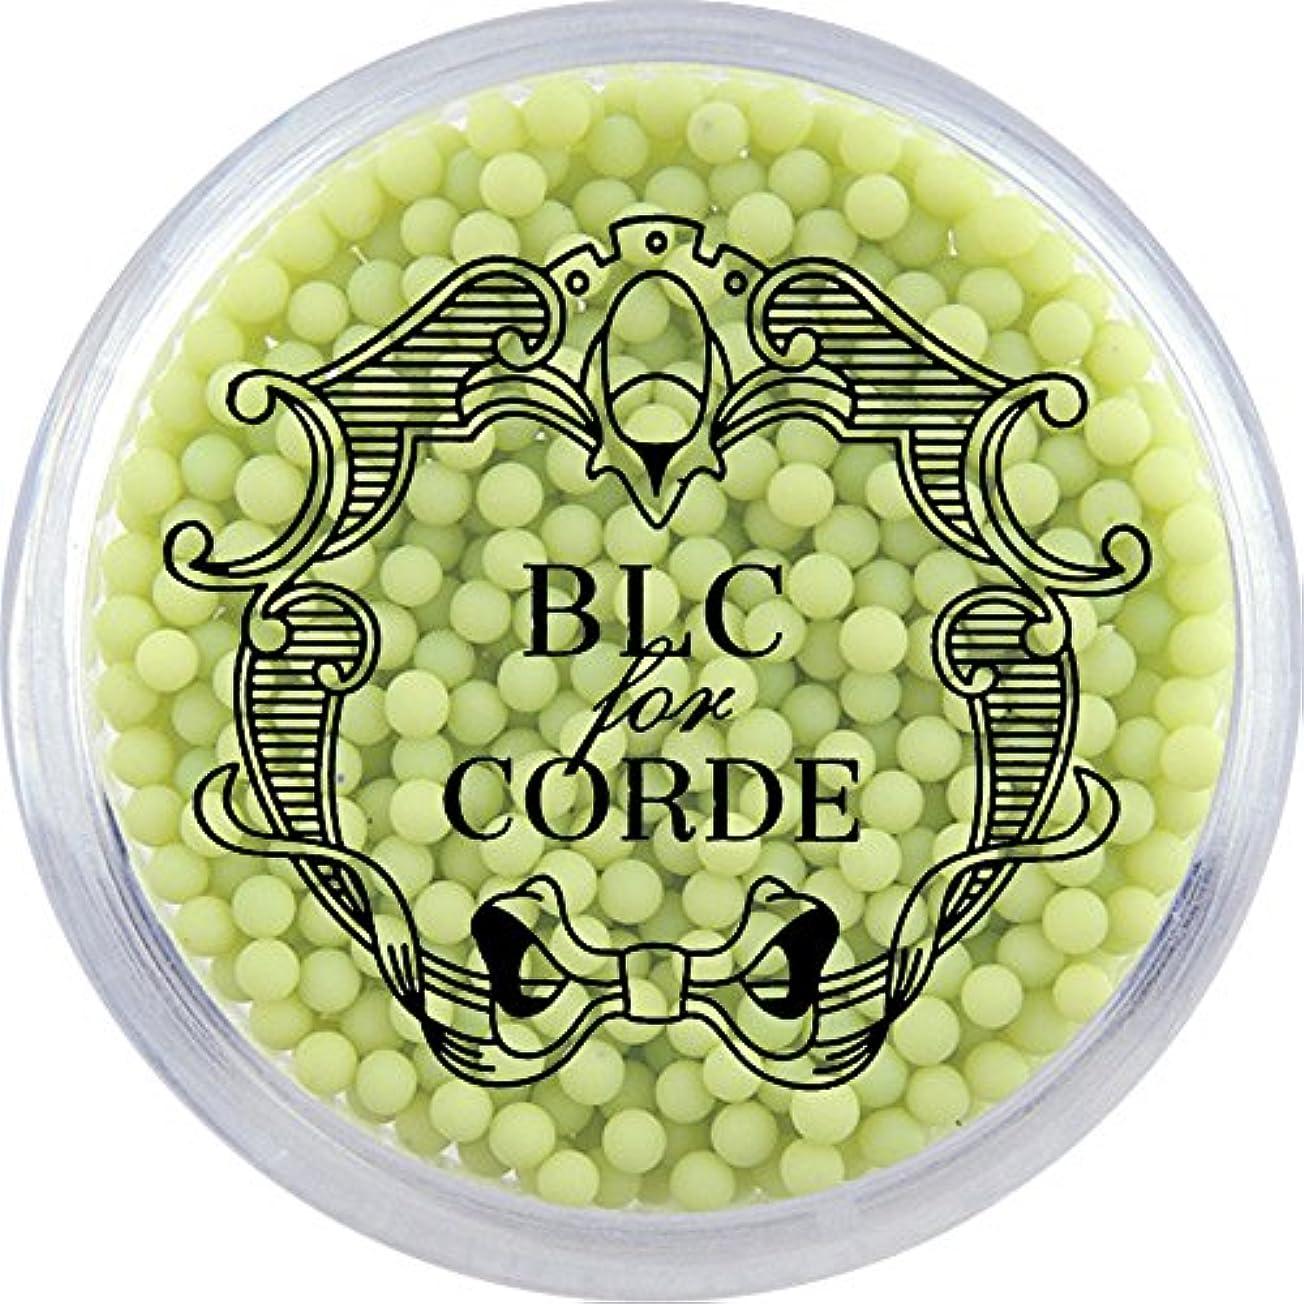 プレゼントしなやかな彫刻家BLC FOR CORDE ガラスブリオン ピスタチオ